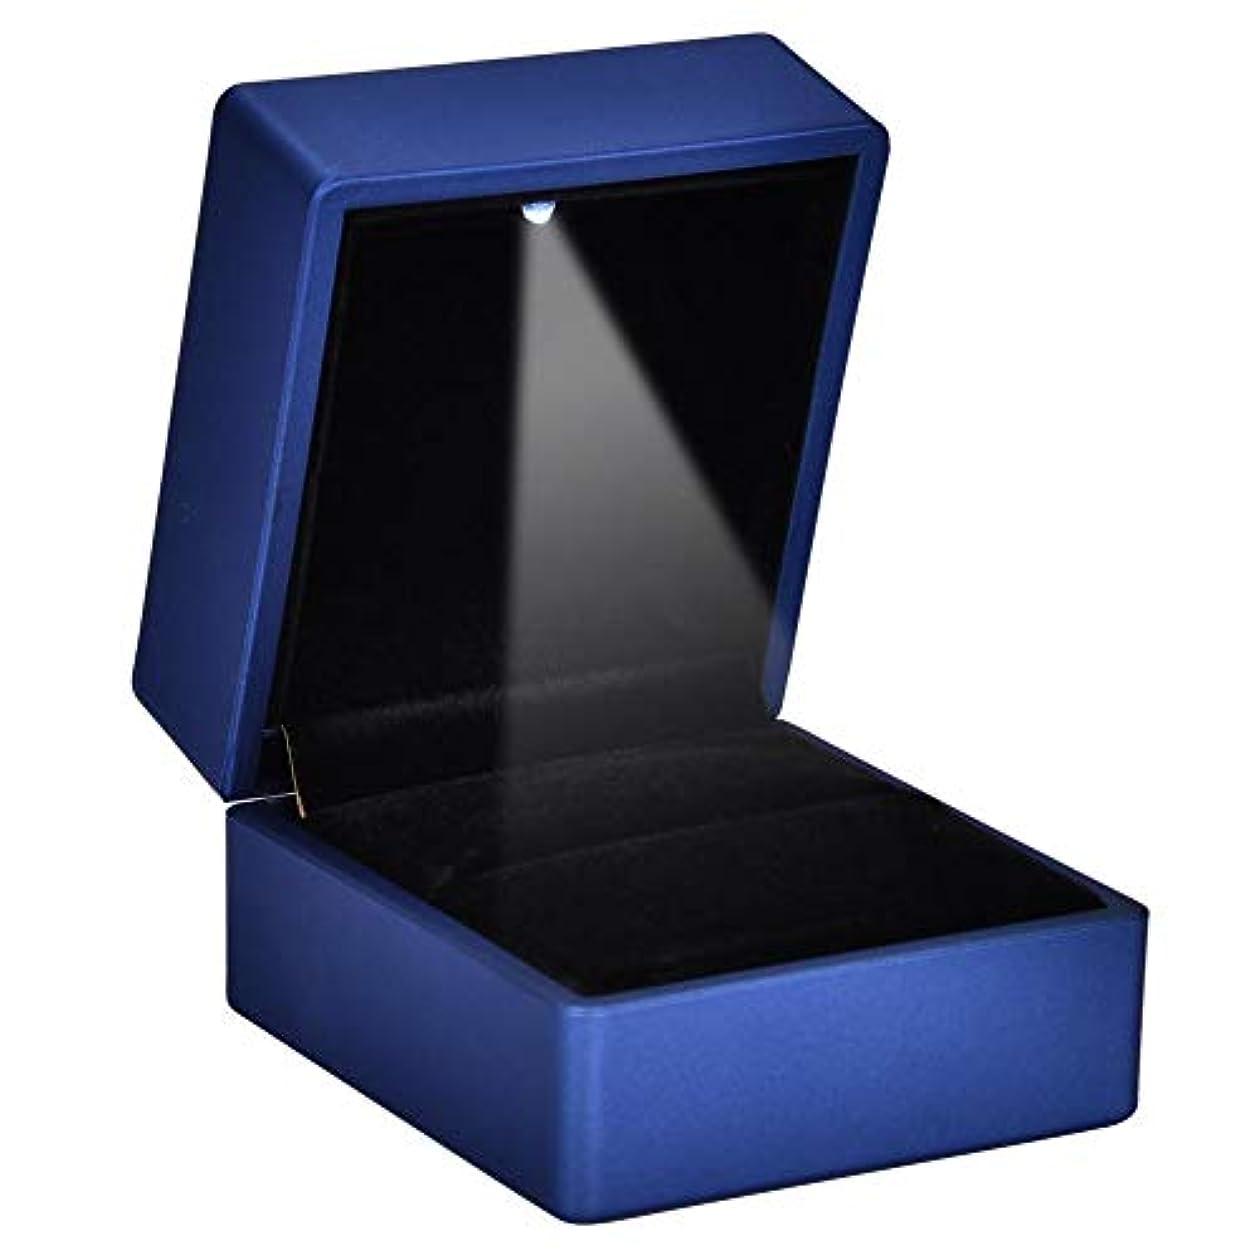 流用する手足手綱2種類ファッショナブルなLEDリングボックス - 内部LED照明付きリングケース、ジュエリーホルダーリング収納ケース、結婚式の提案(ブルー-90 * 70 * 35)